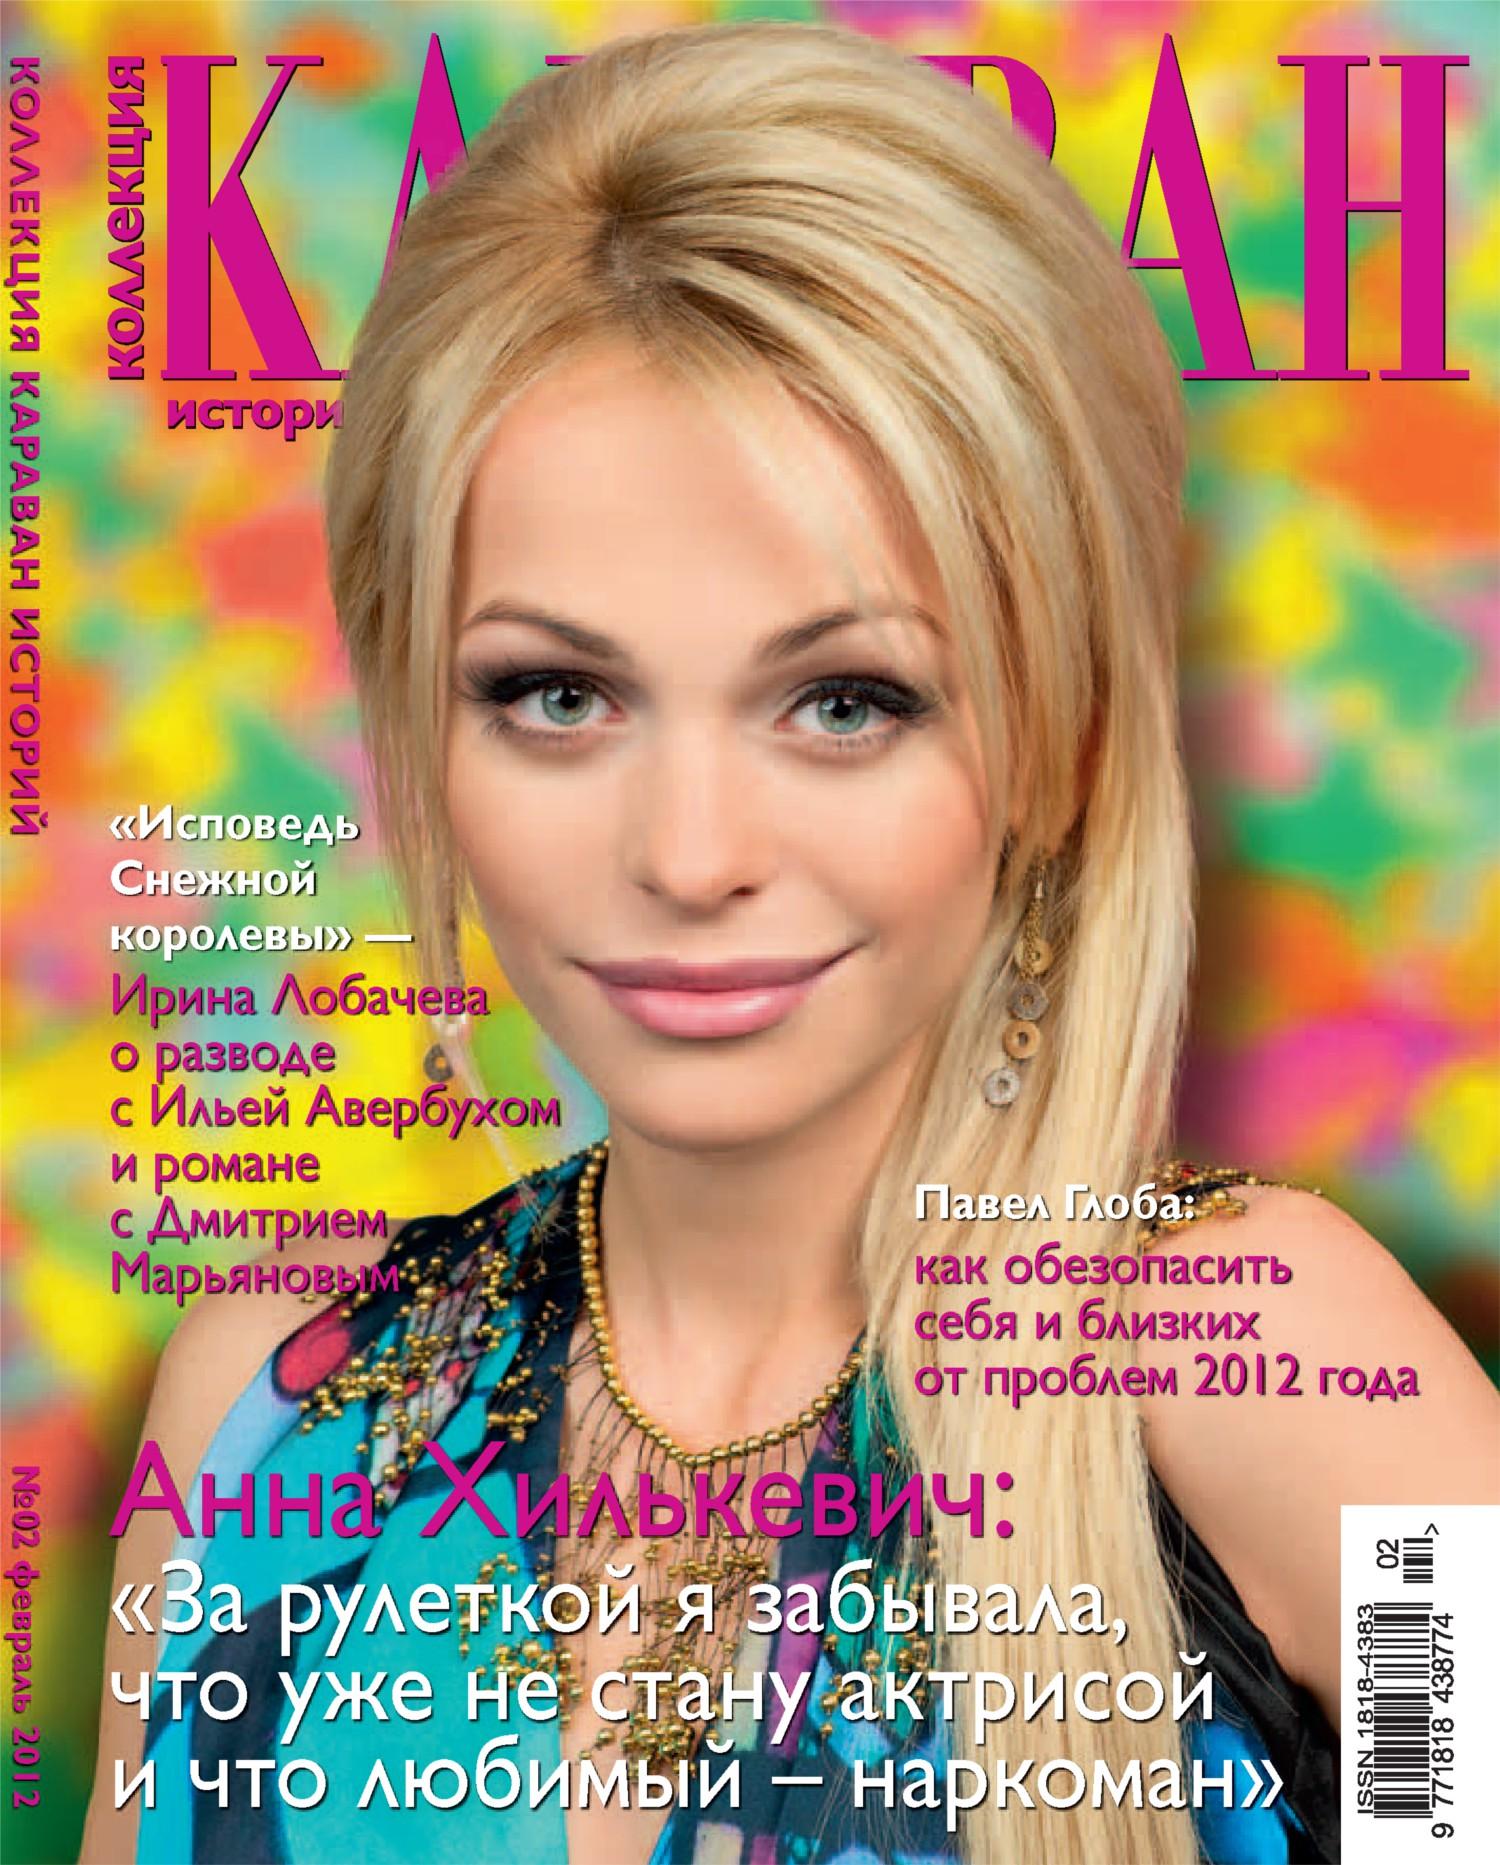 Отсутствует Коллекция Караван историй №02 / февраль 2012 александр вальман караван